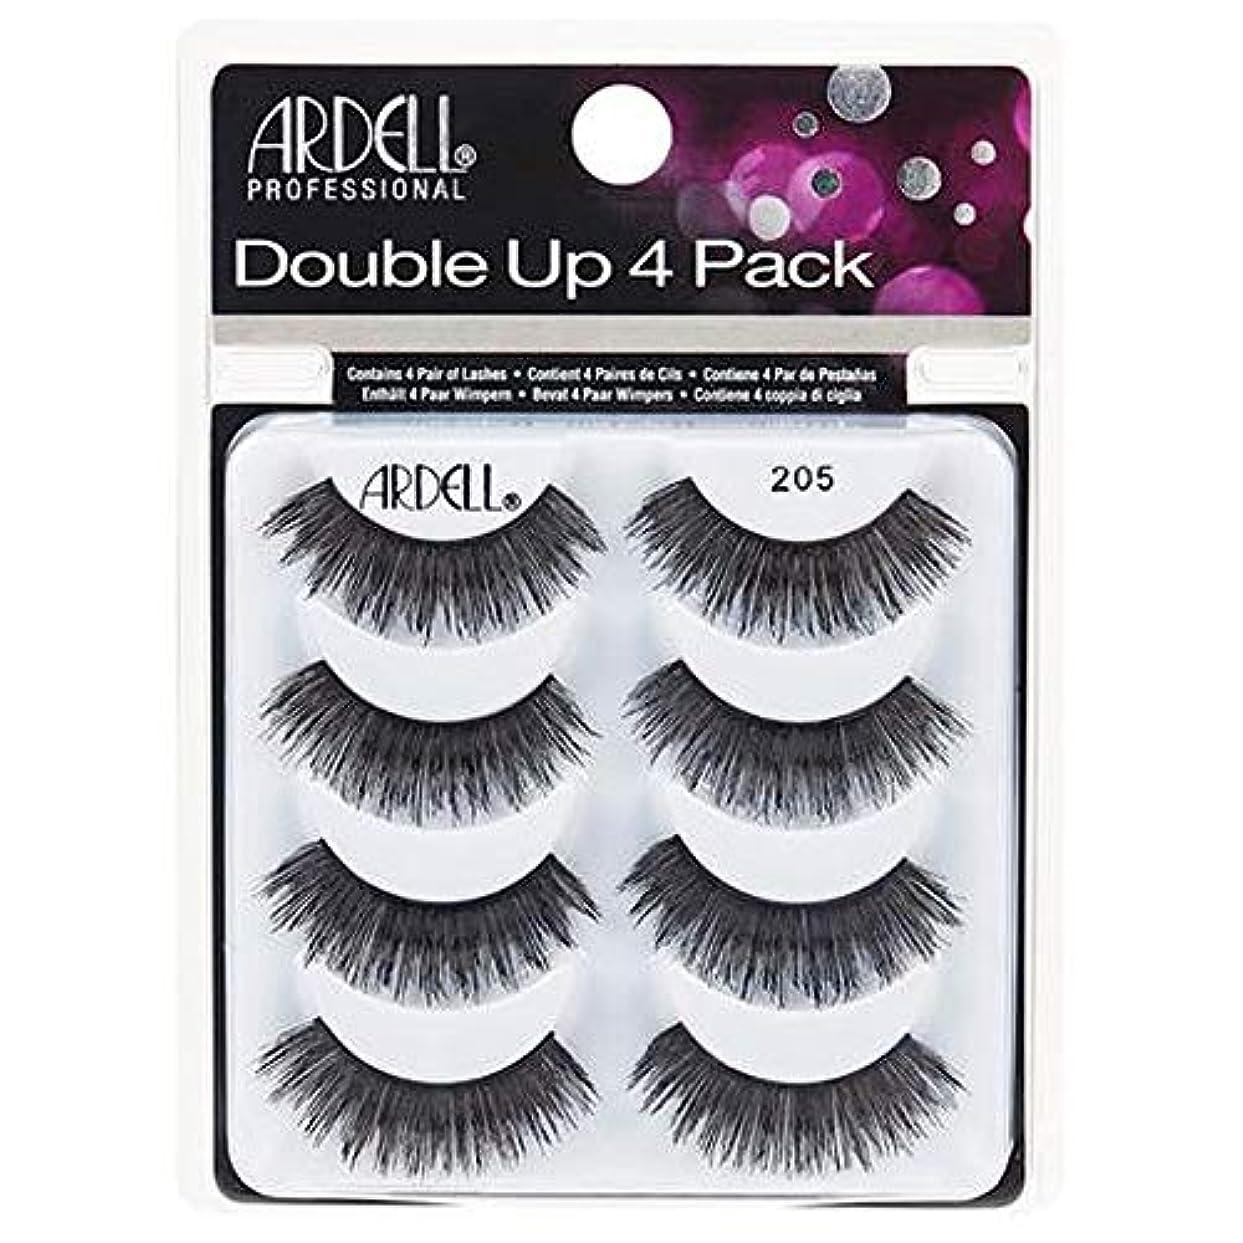 電気的知覚する九時四十五分Ardell Double Up 4 Pack Lashes - 205